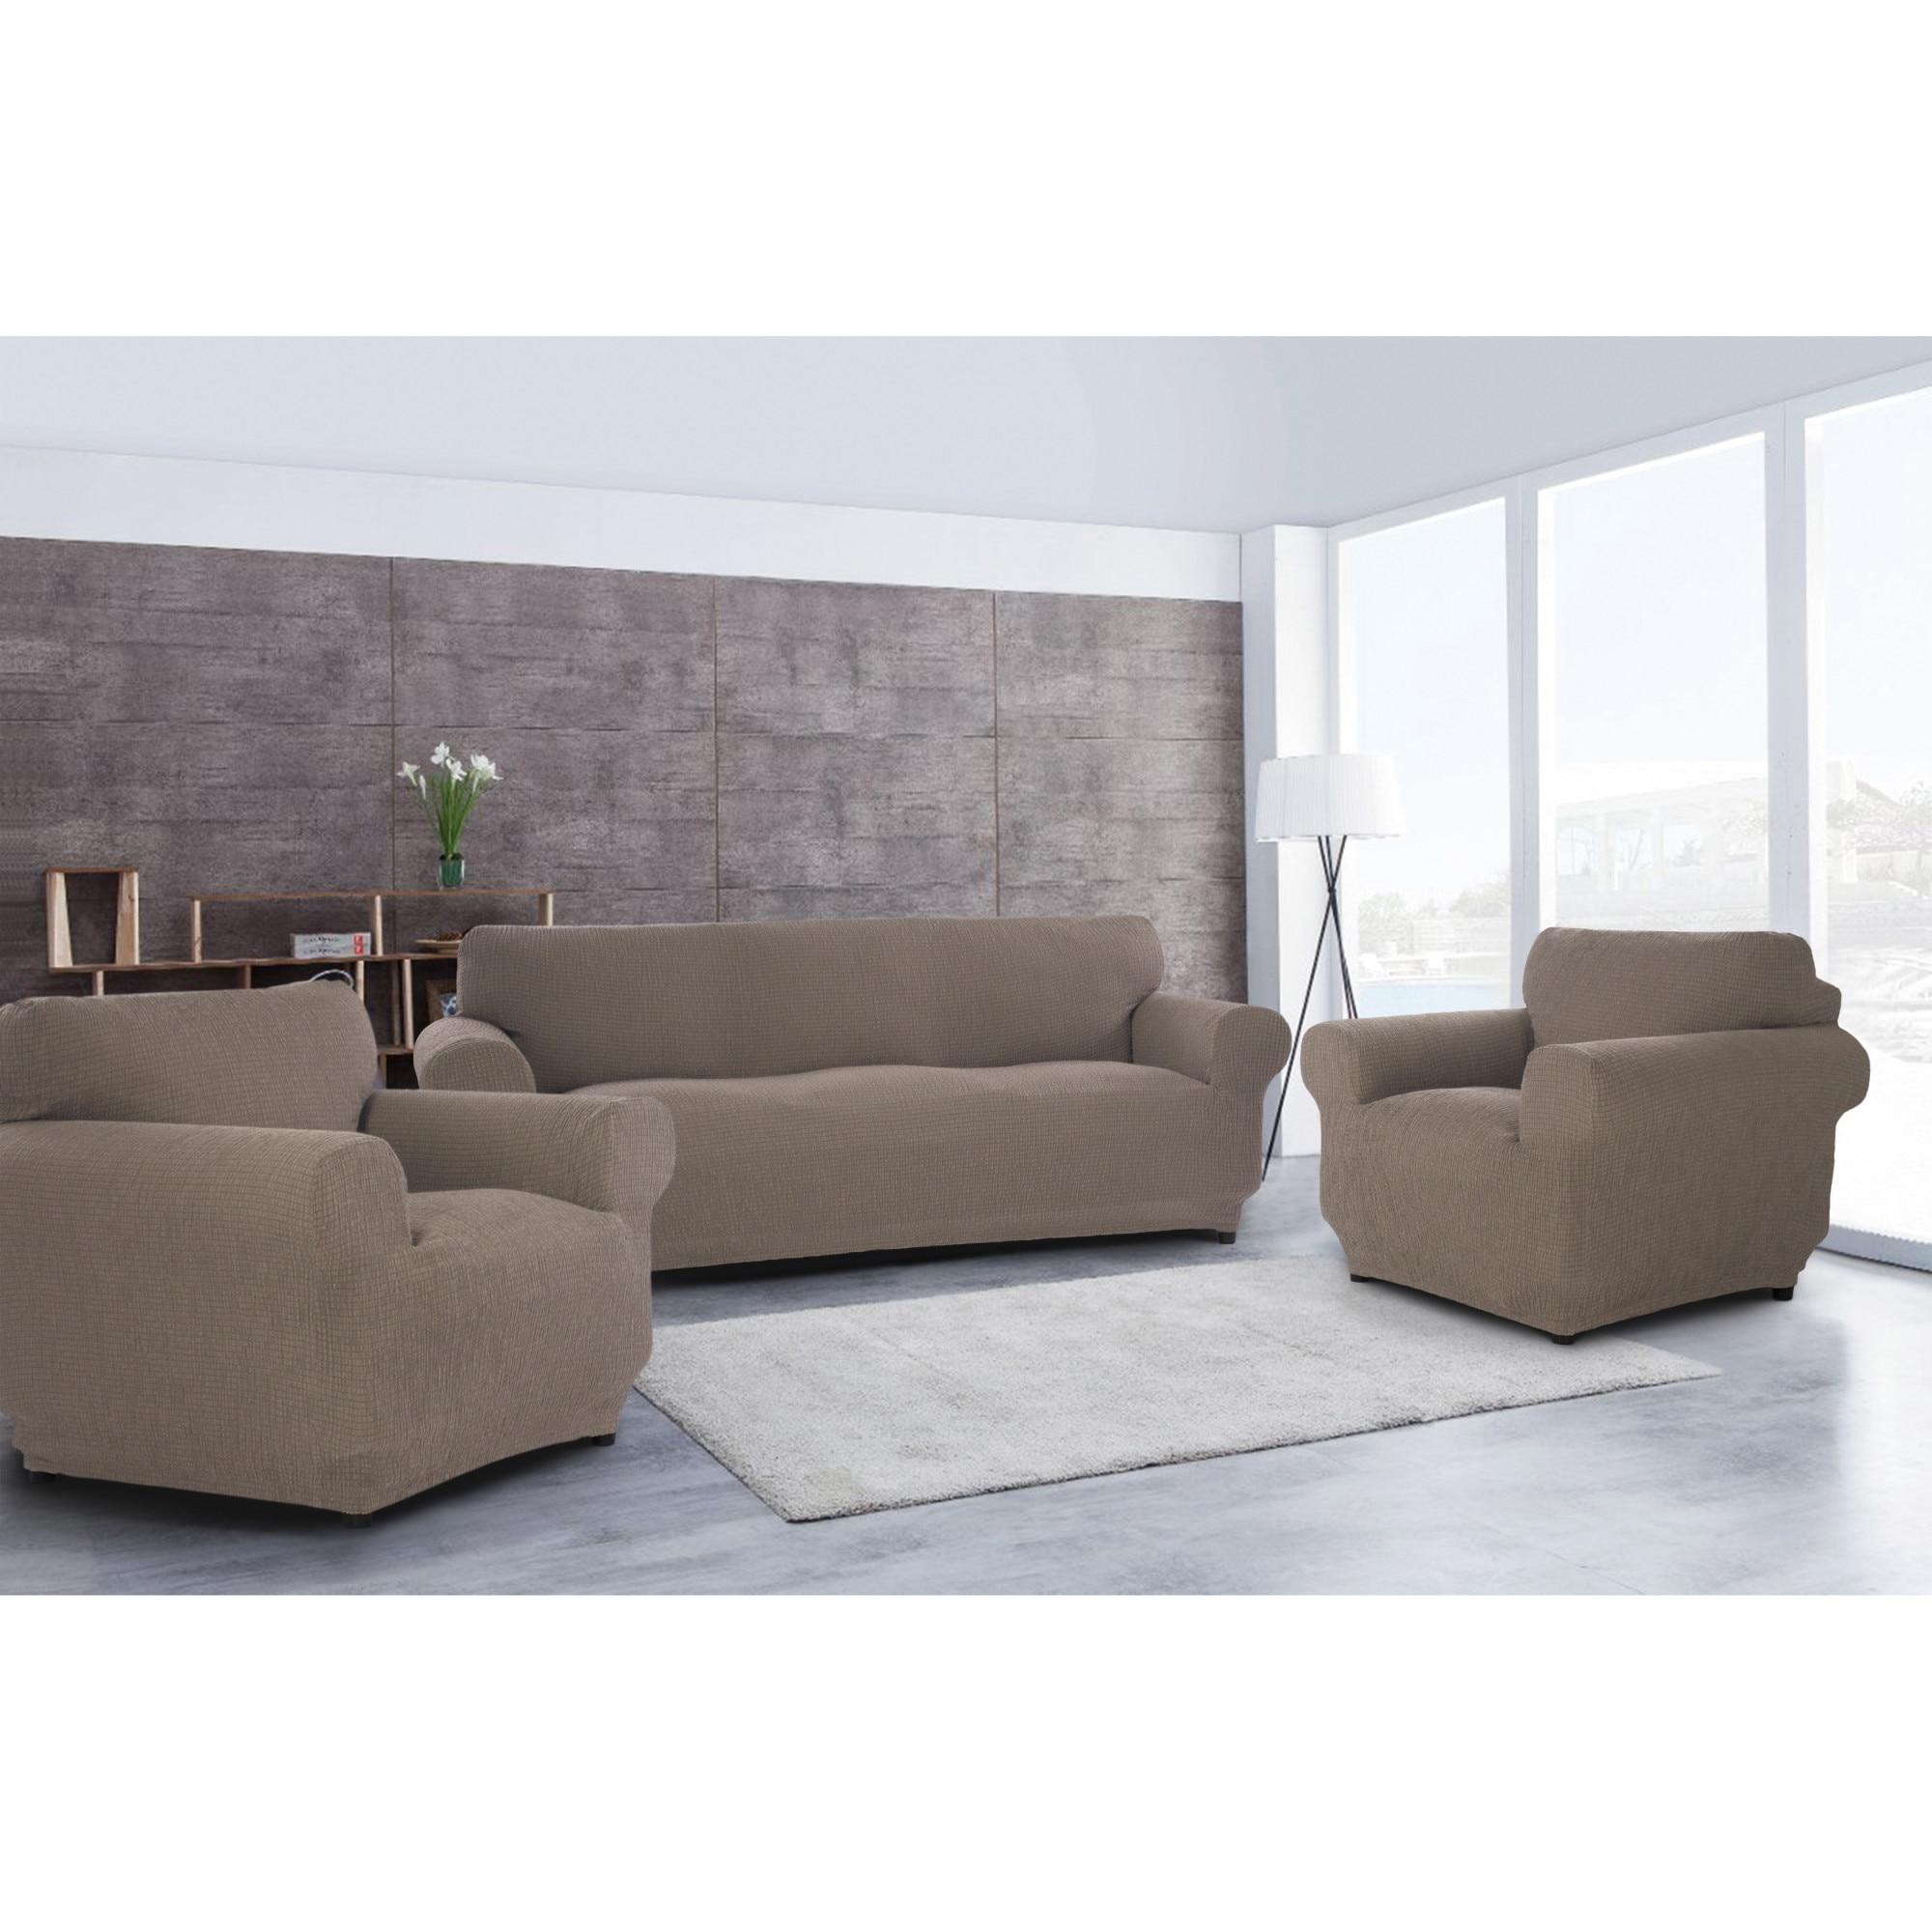 Fotografie Set huse elastice pentru canapea 3 locuri si 2 fotolii Kring Brilliante, 60% bumbac+ 35% poliester + 5% elastan, Cappuccino